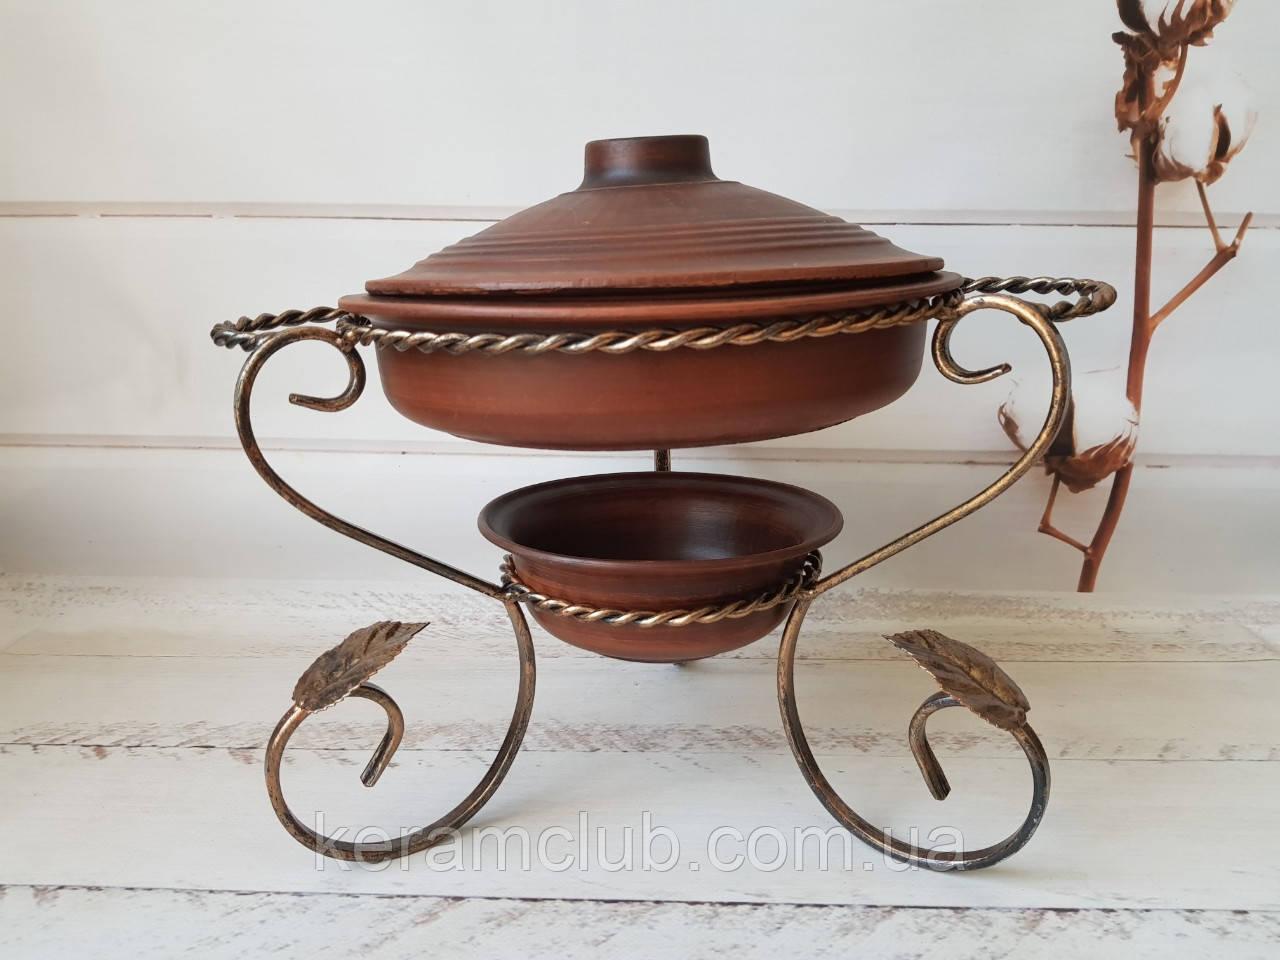 Садж для подачи мясных блюд со сковородой из красной глины 2 л